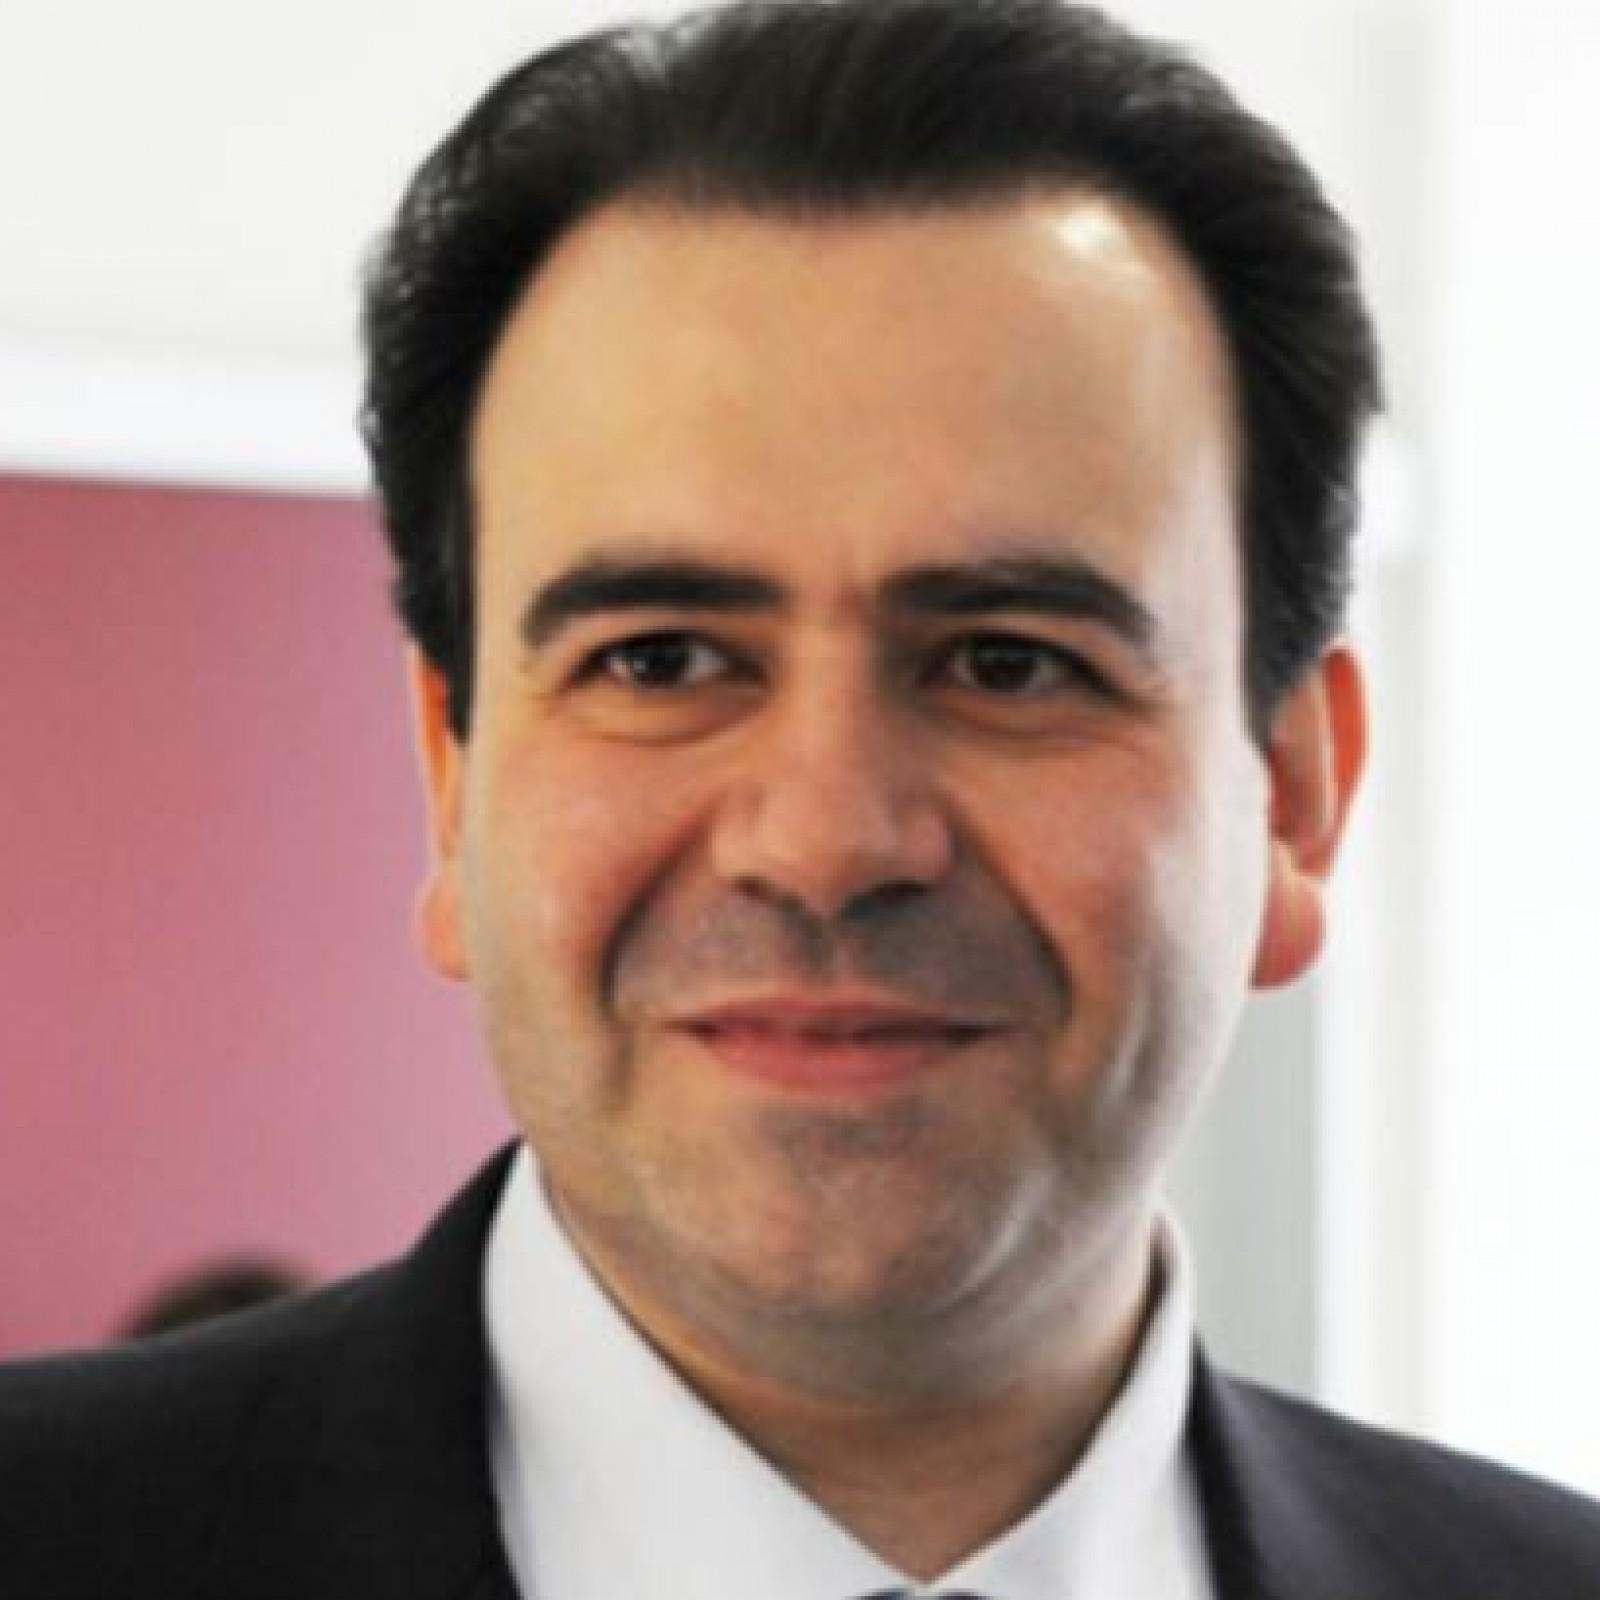 Dr. Antonello Forgione